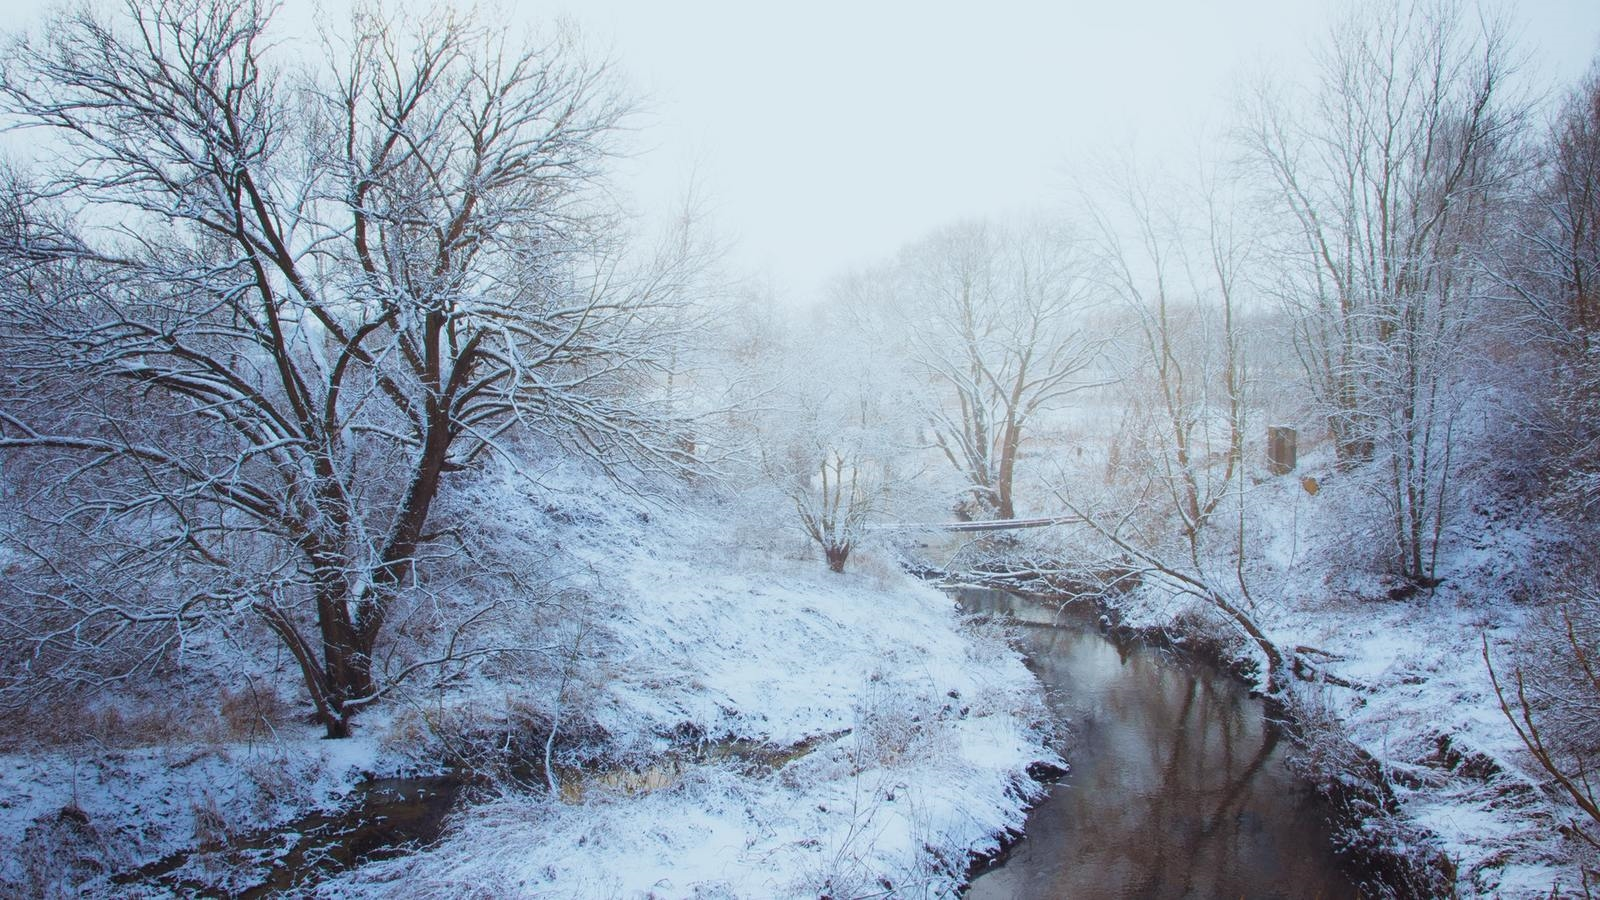 Лучшие картинки зимние на обои   подборка (3)